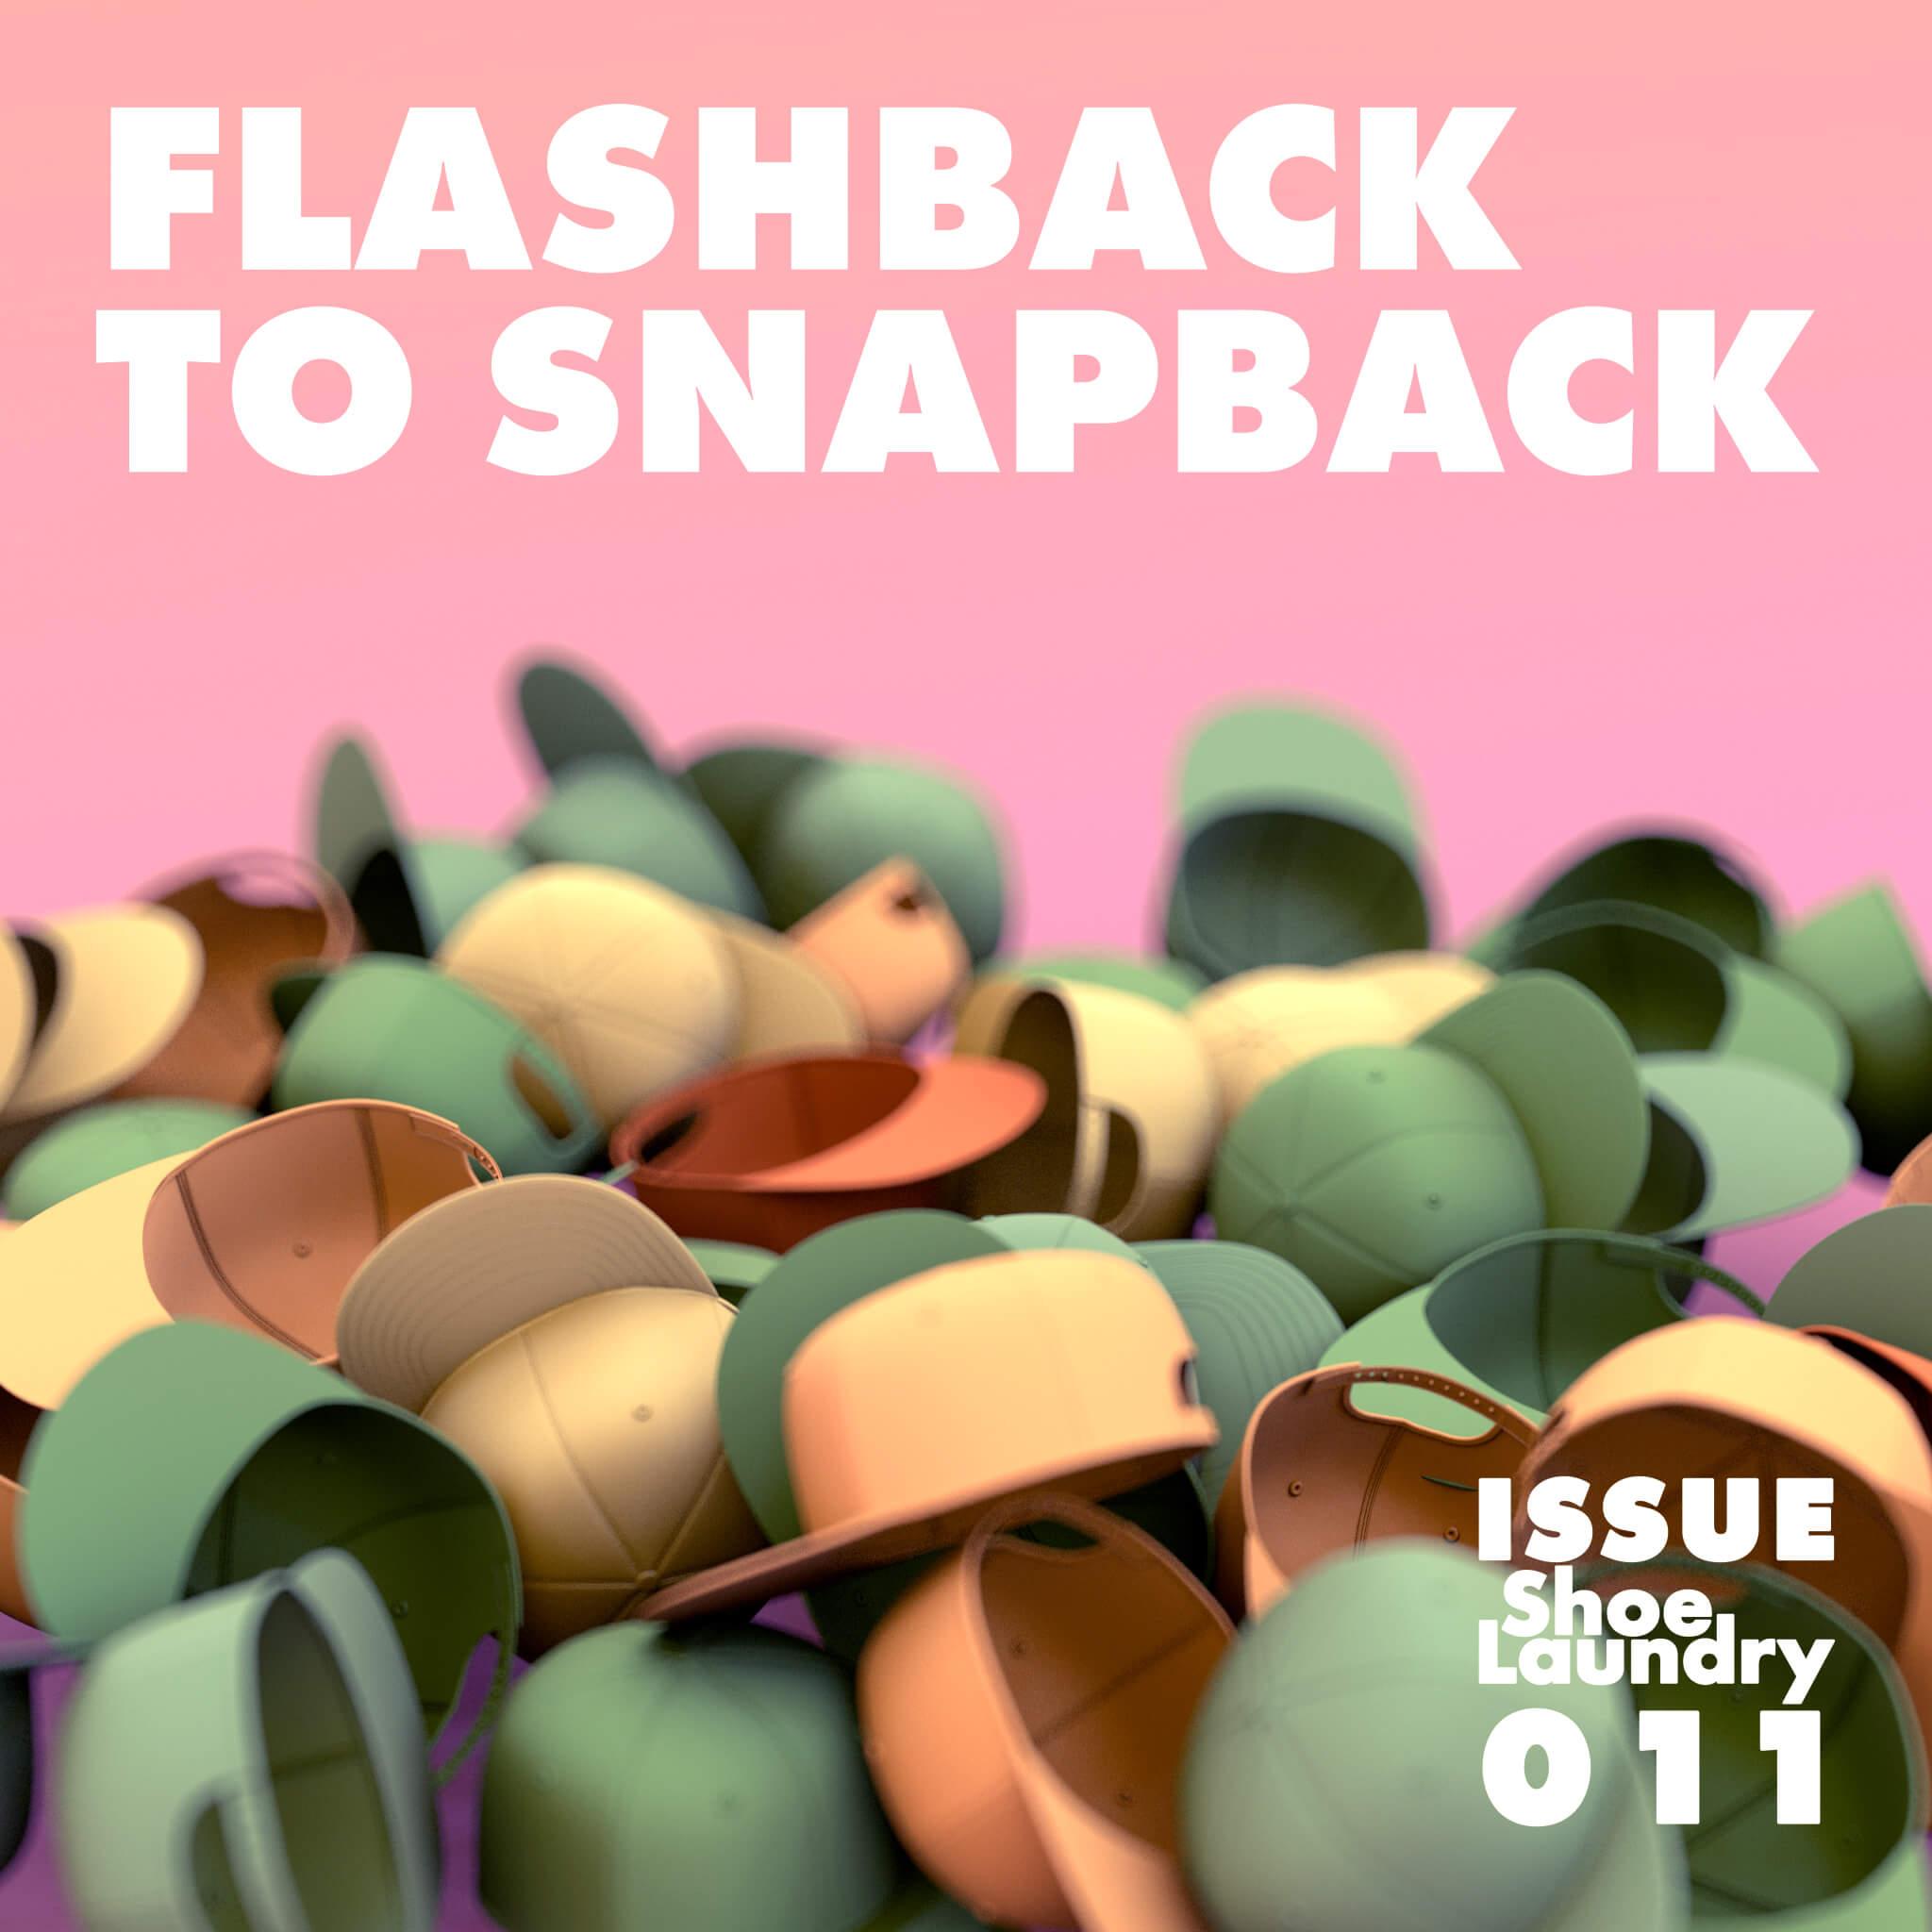 Flashback to Snapback Blog 012